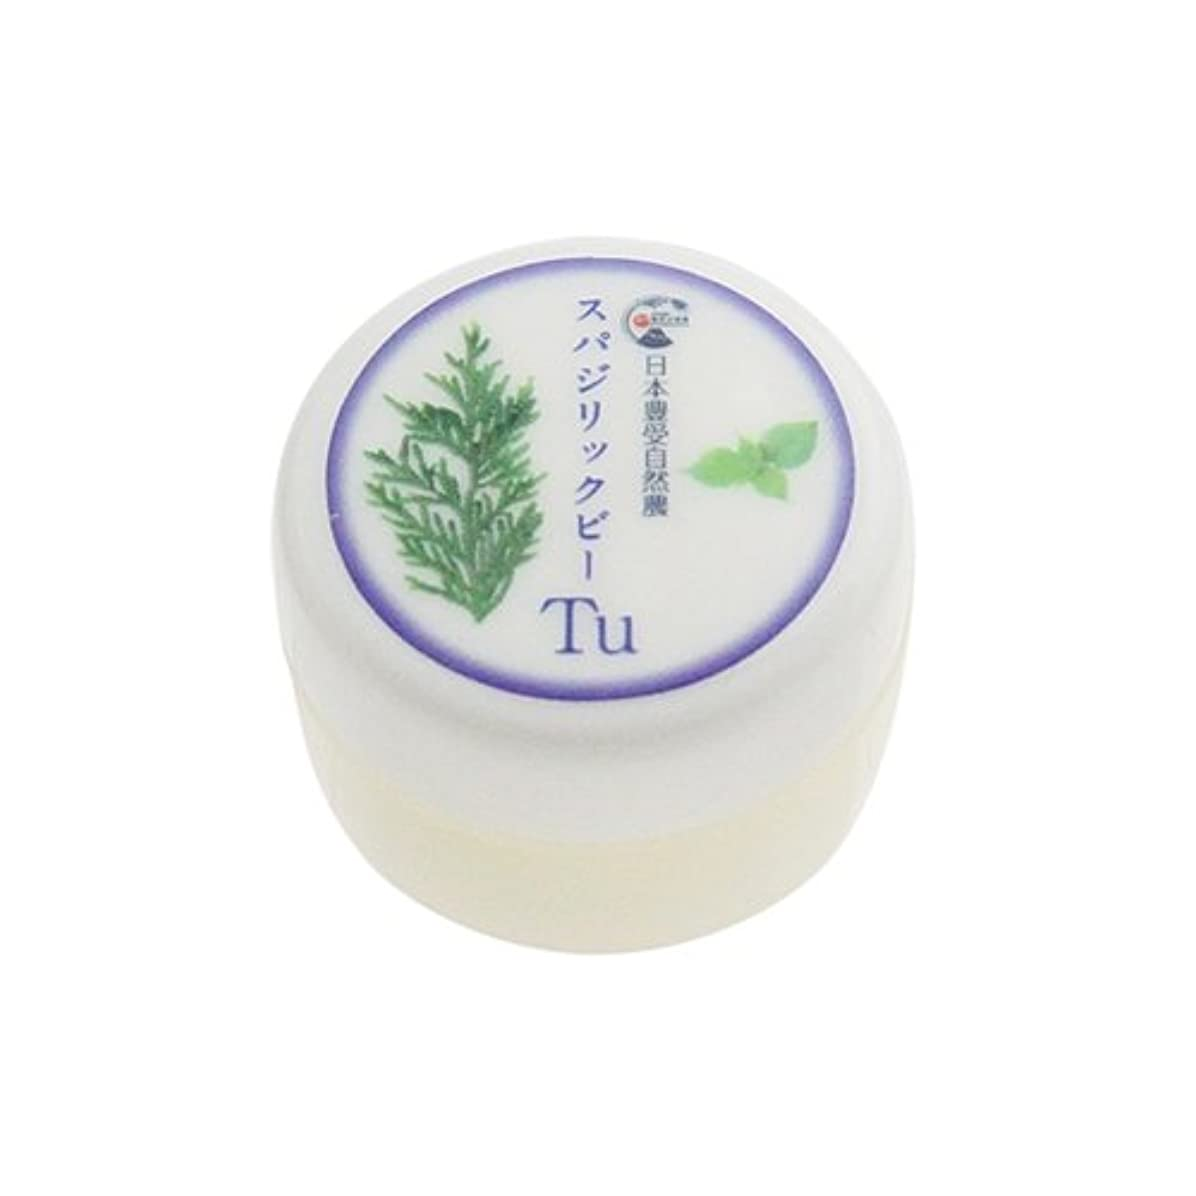 小麦粉フィッティング満足させる日本豊受自然農 スパジリック ビーTu(小) 10g